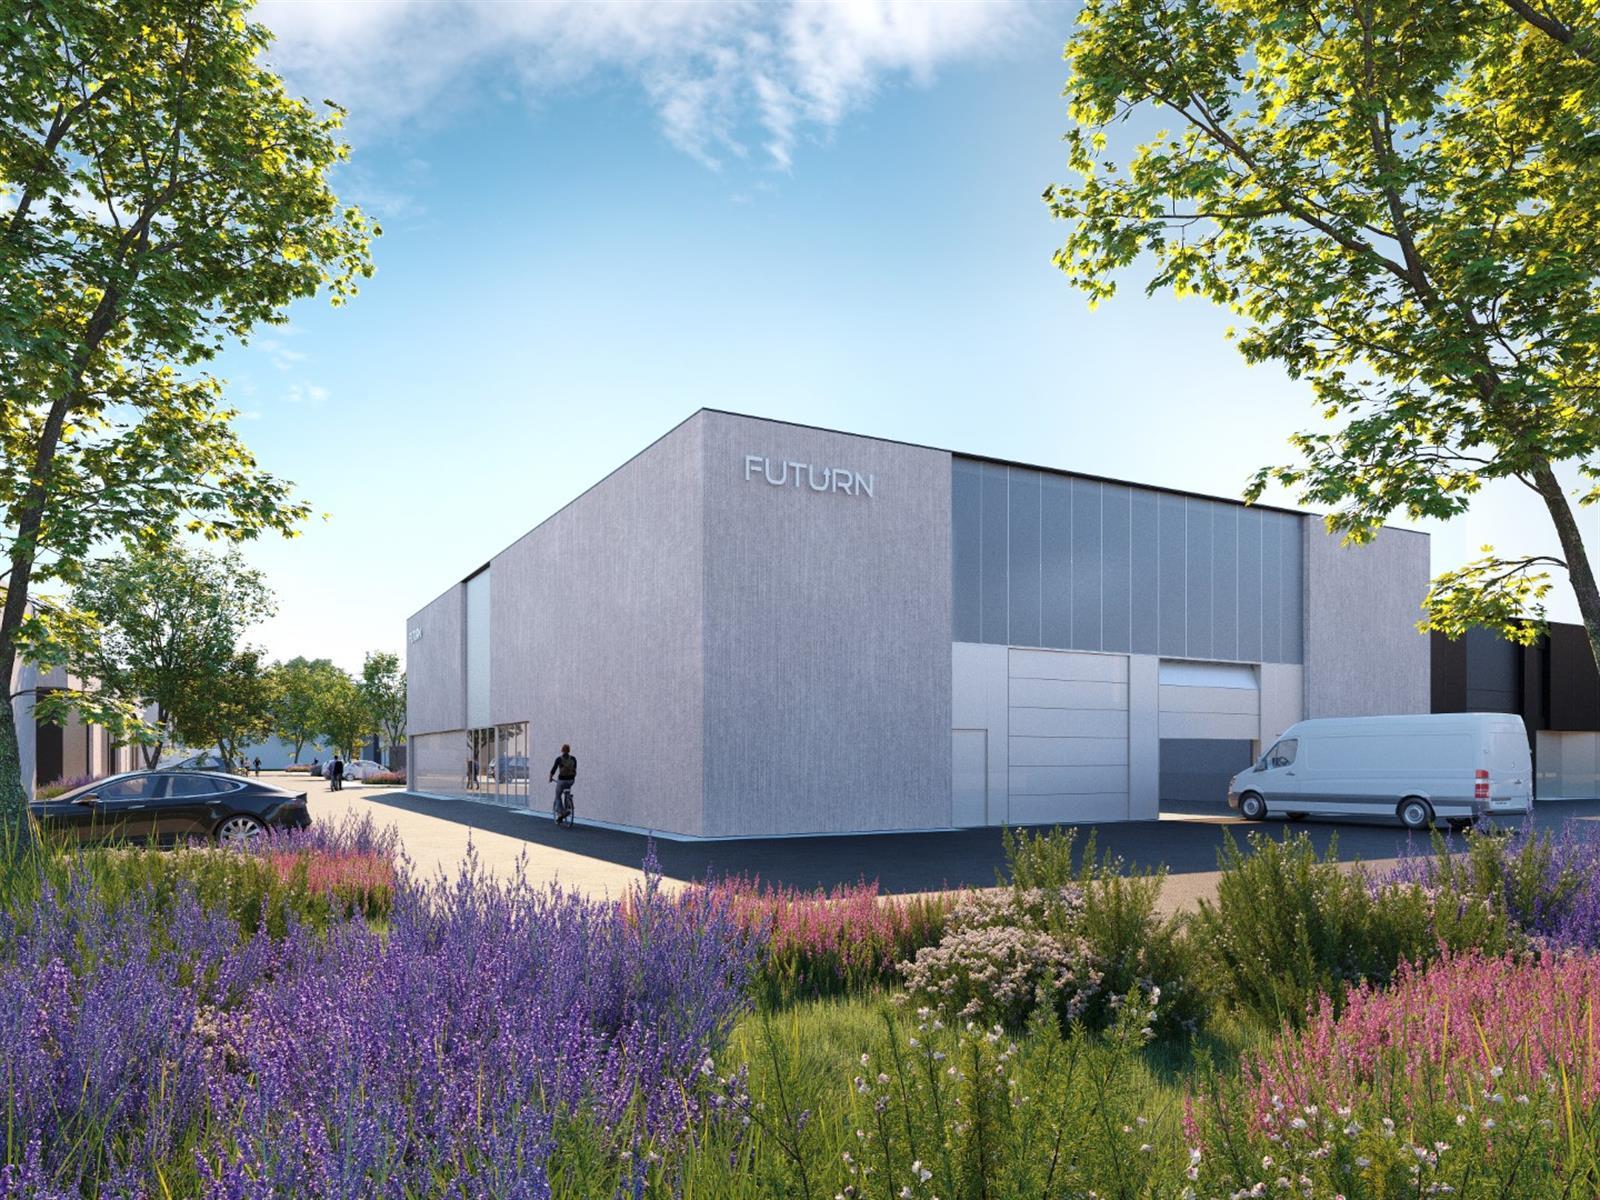 KMO-unit te koop Heros Businesspark KMO Unit 6 - Herkenrodesingel 10, 3500 Hasselt, België 8